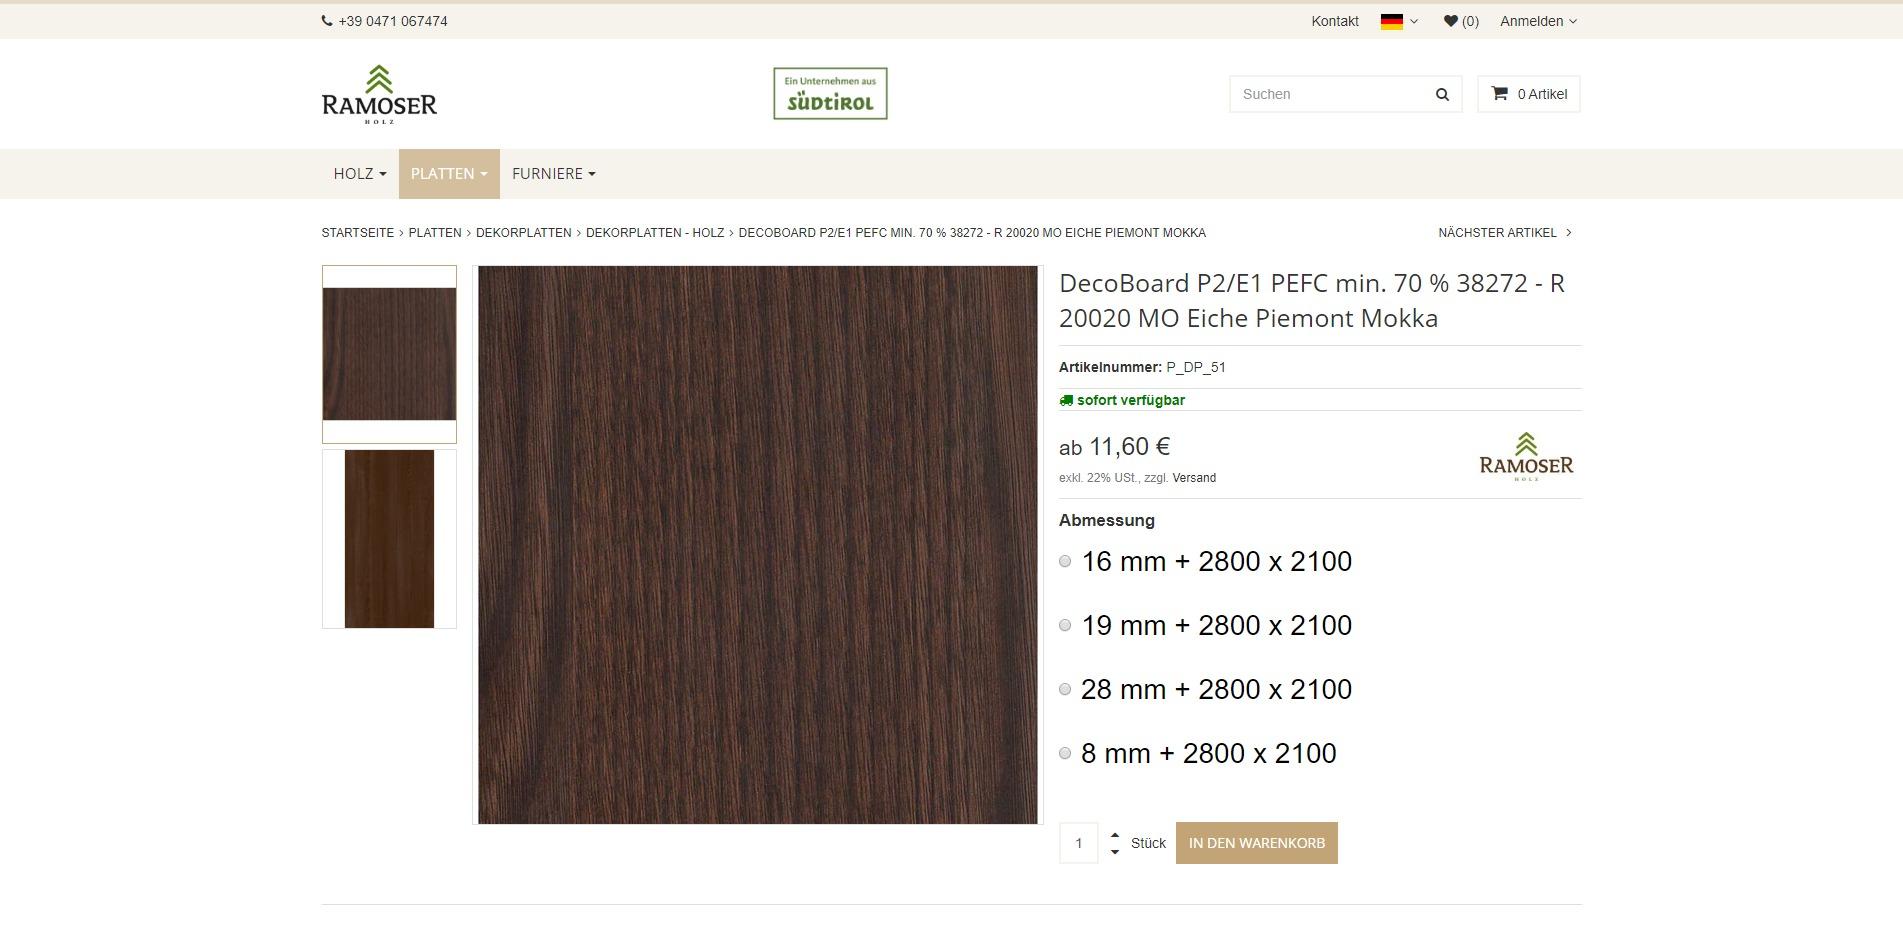 Ramoser-Holz Artikel